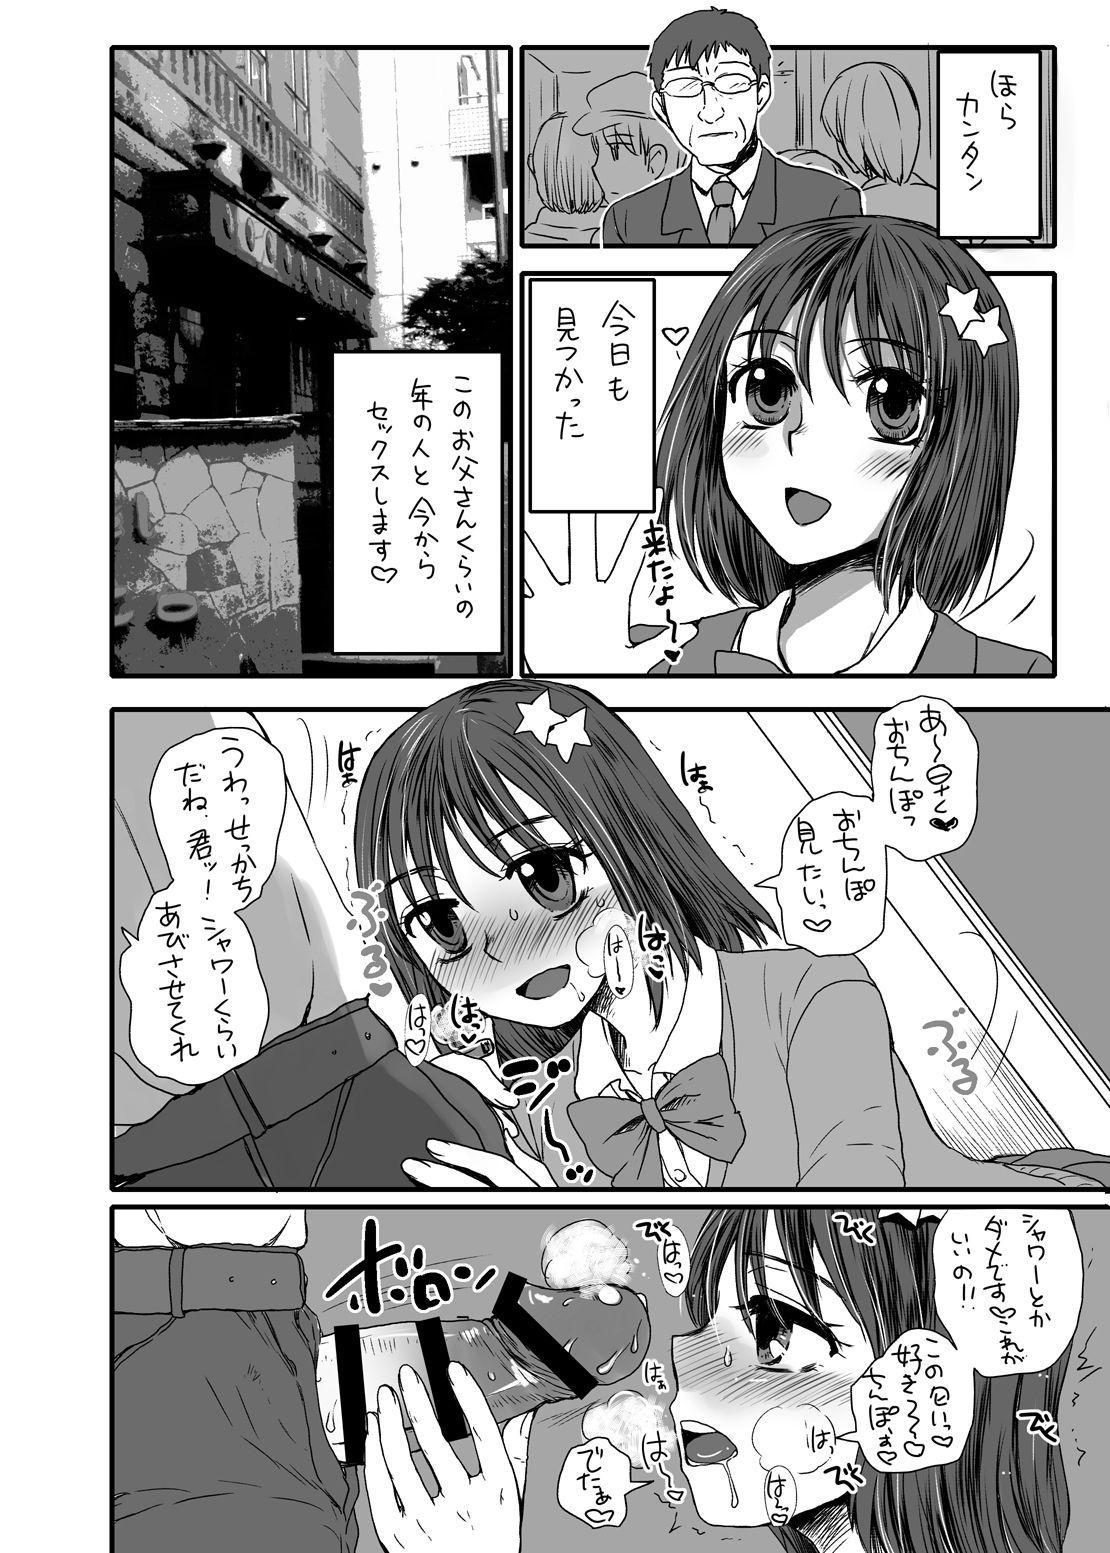 Futsuu no JK, Nakadashi Sex ni Dohamari Shite Imasu. 2